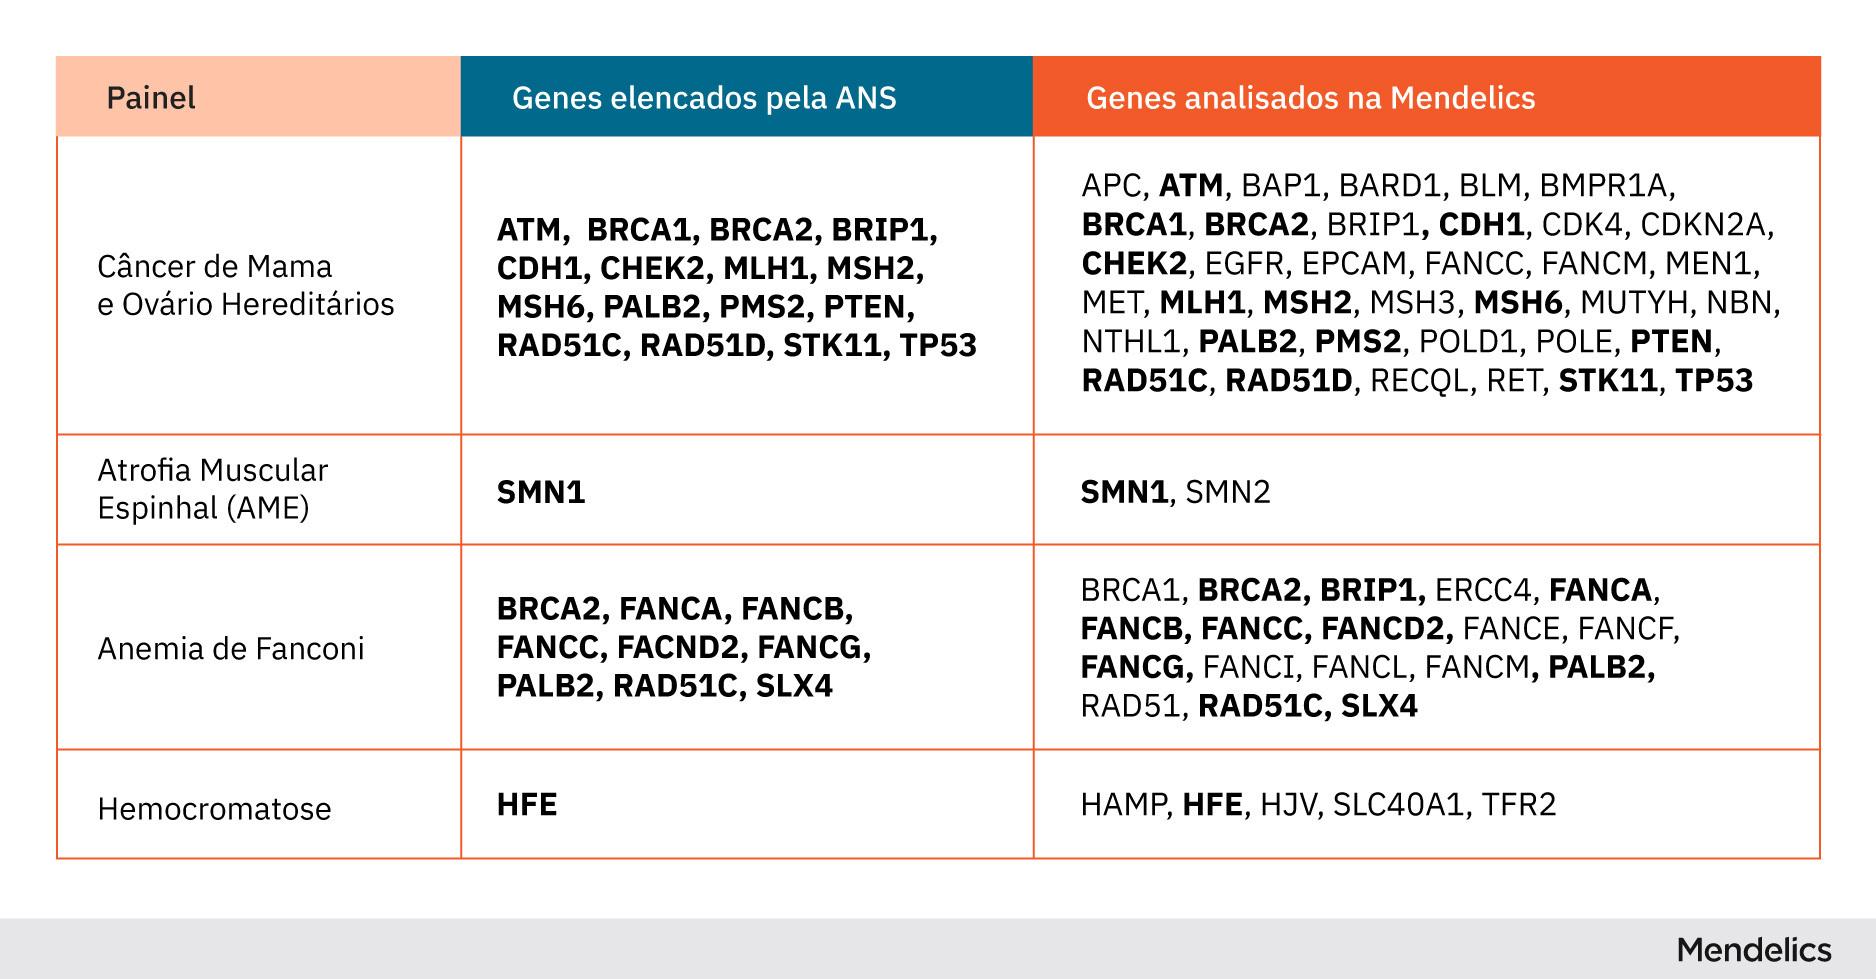 Exemplos de diferenças entre a lista de genes listados pela ANS e os analisados pela Mendelics